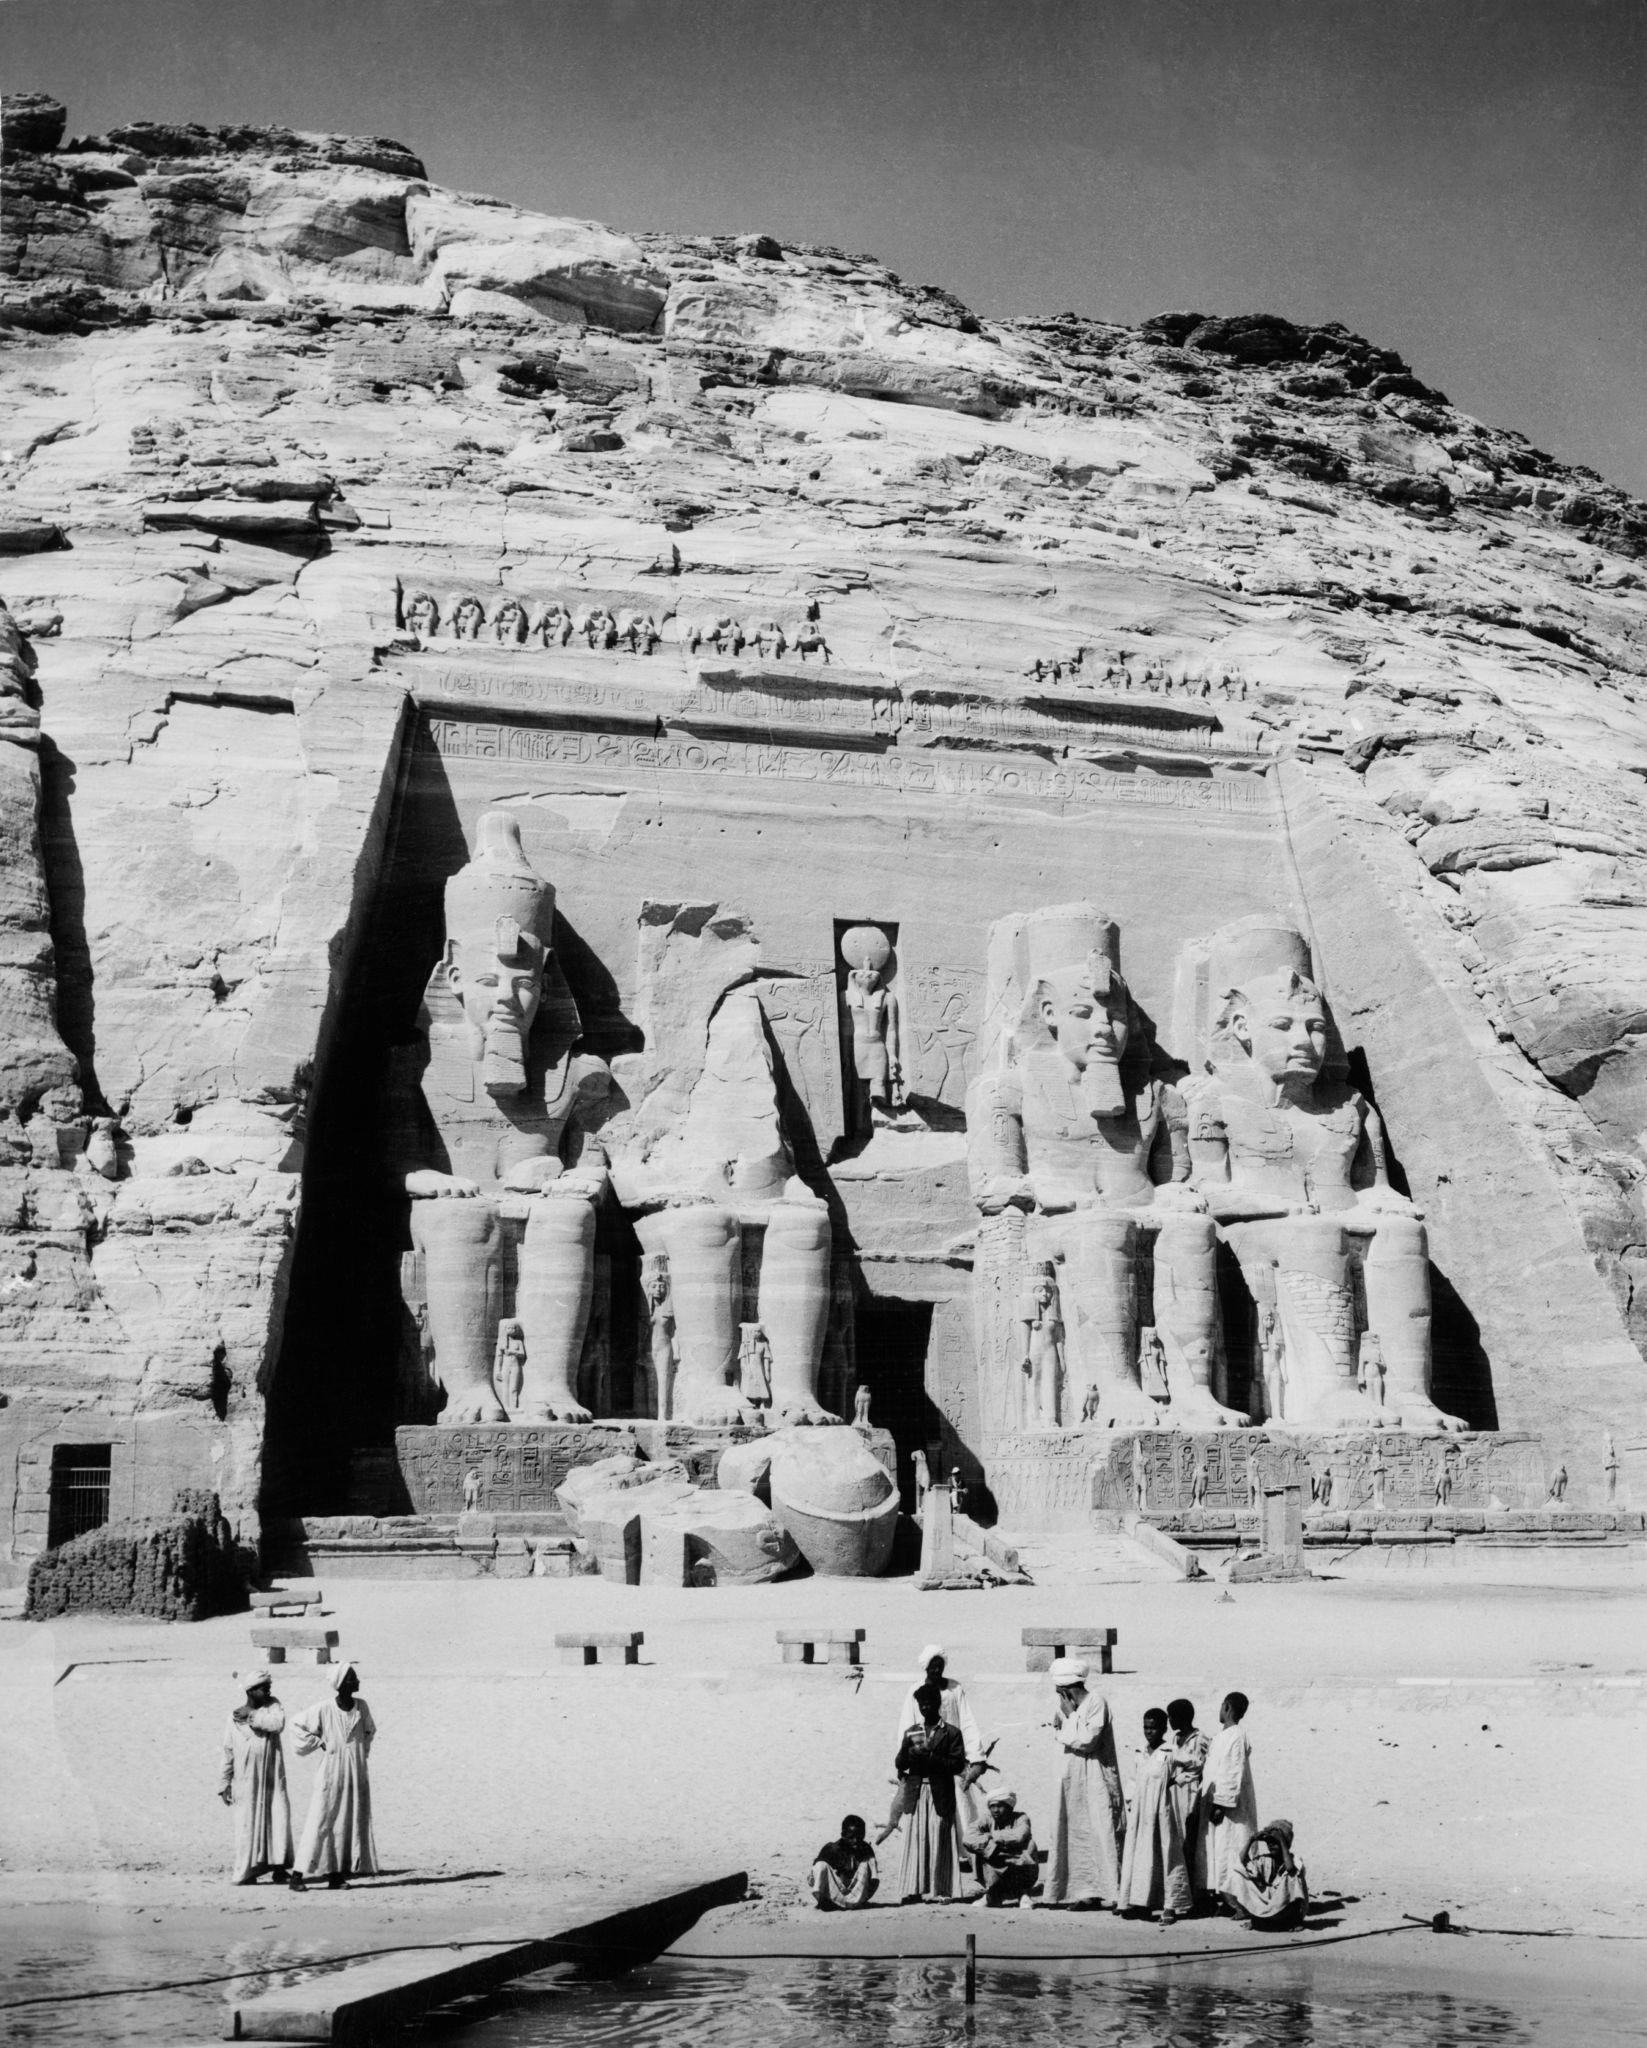 1964. Четыре 20-метровых статуи египетского фараона Рамсеса II в Большом храме Рамсеса II в Абу-Симбеле